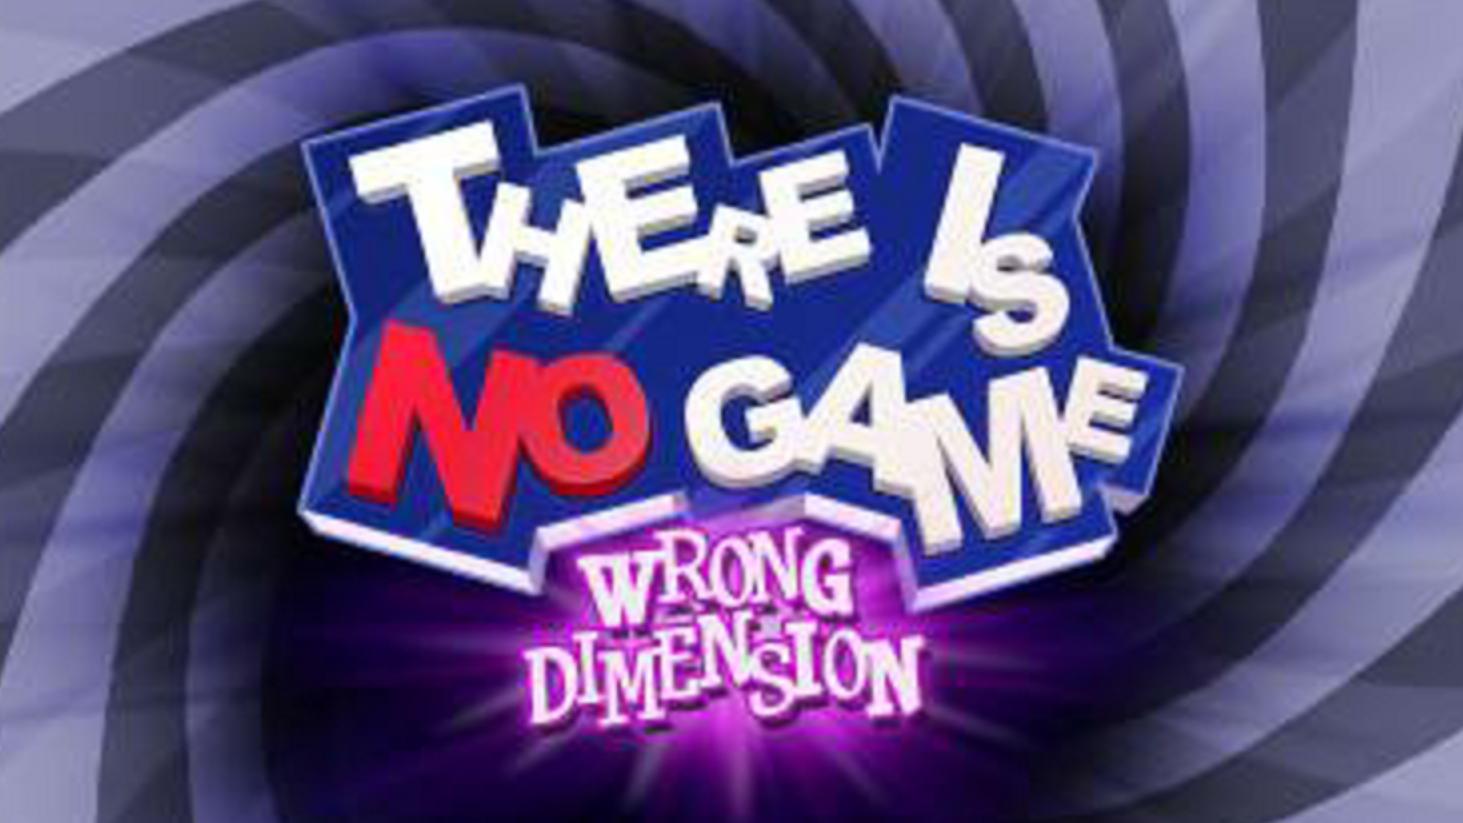 【合集】【这里没有游戏:错误维度】双结局全剧情流程攻略【完结】There Is No Game